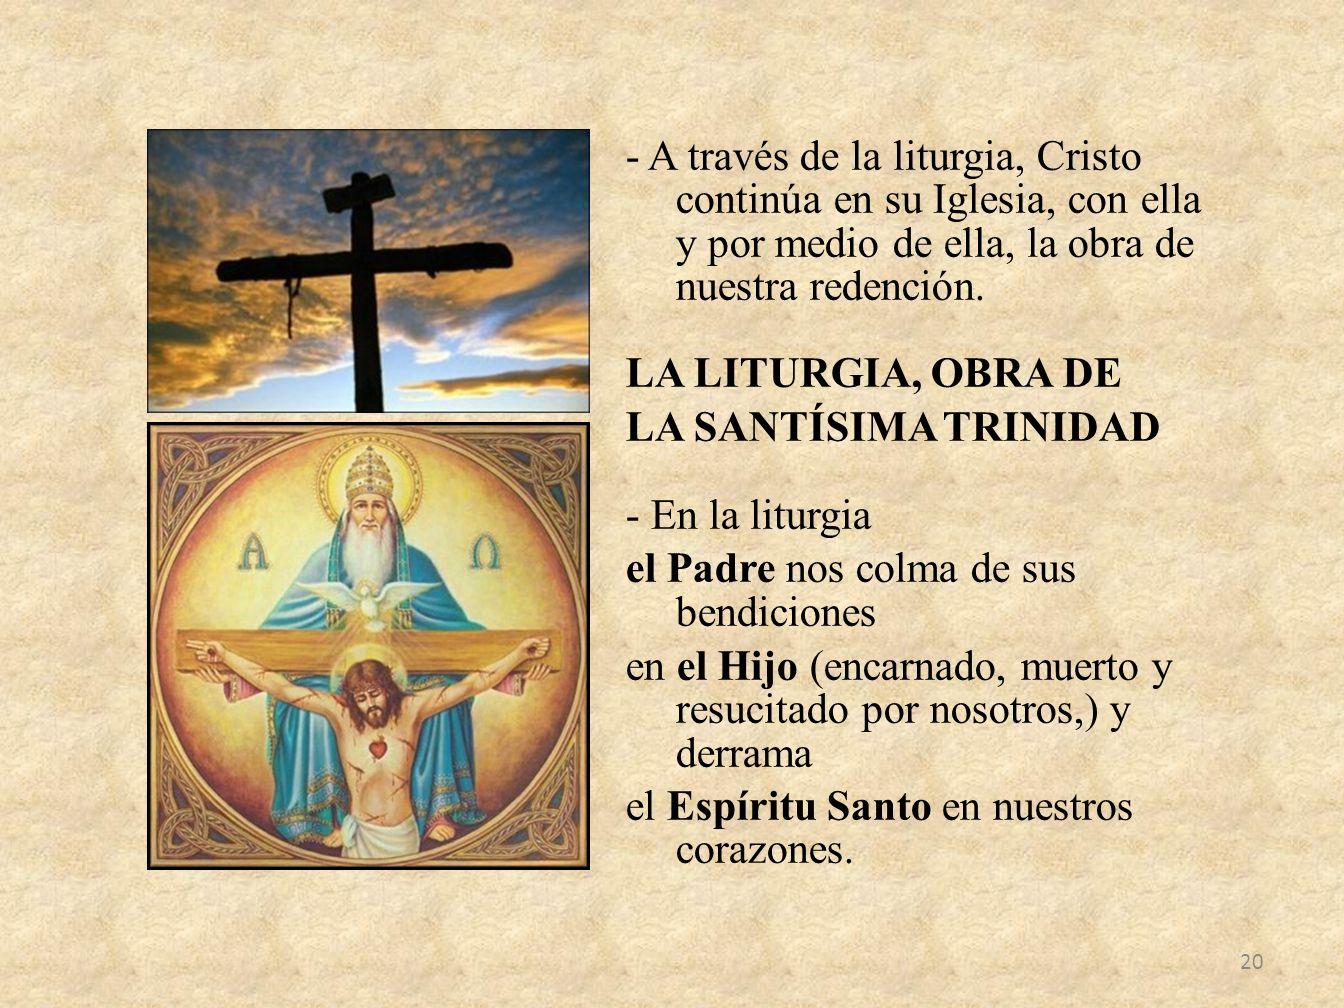 - A través de la liturgia, Cristo continúa en su Iglesia, con ella y por medio de ella, la obra de nuestra redención.